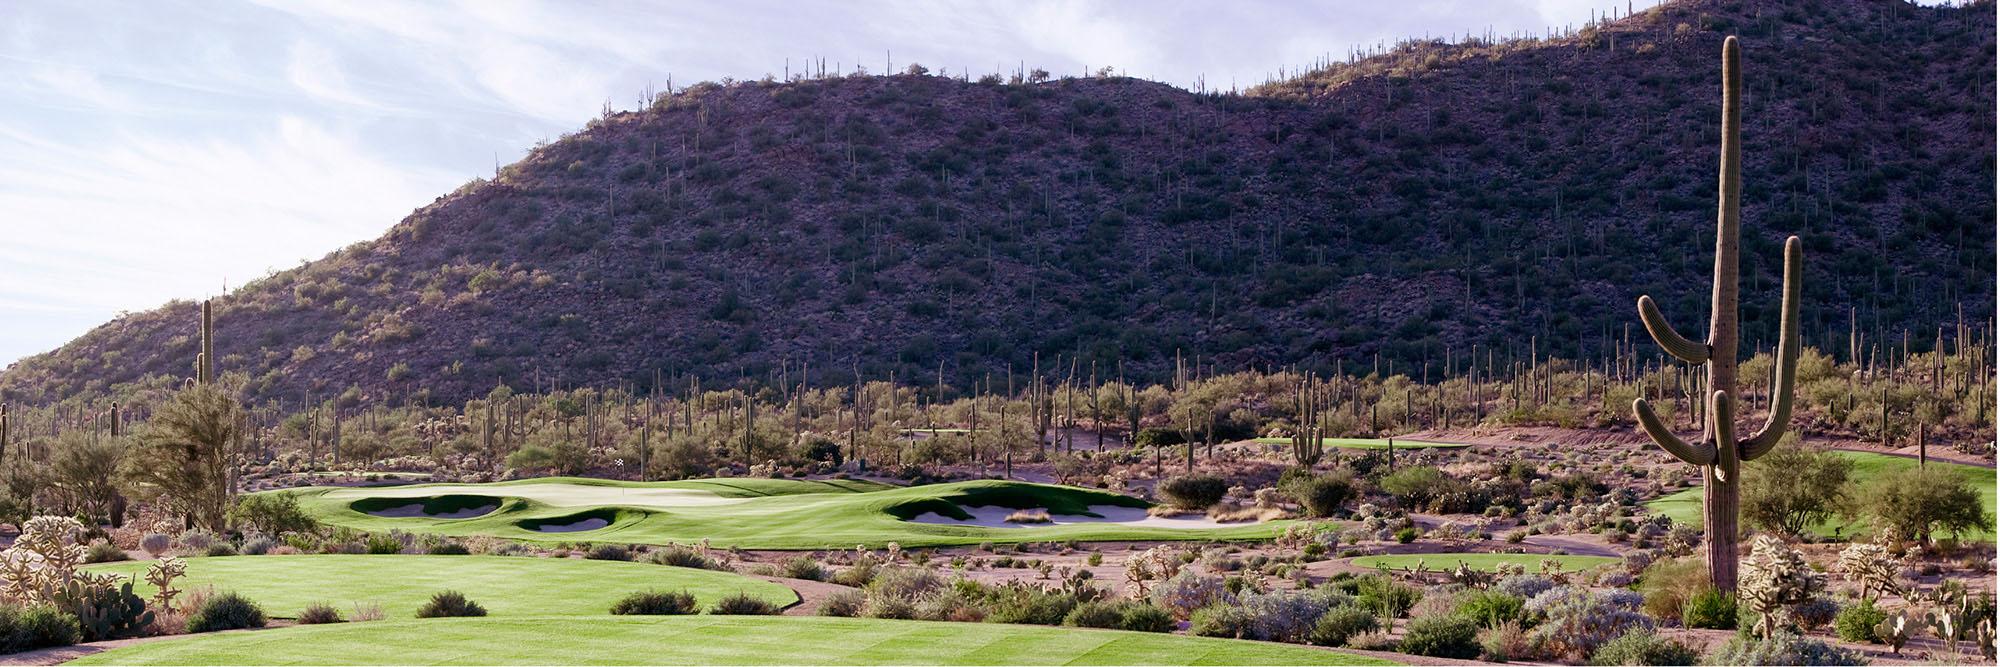 Golf Course Image - Ritz Carlton Dove Mountain No. 7